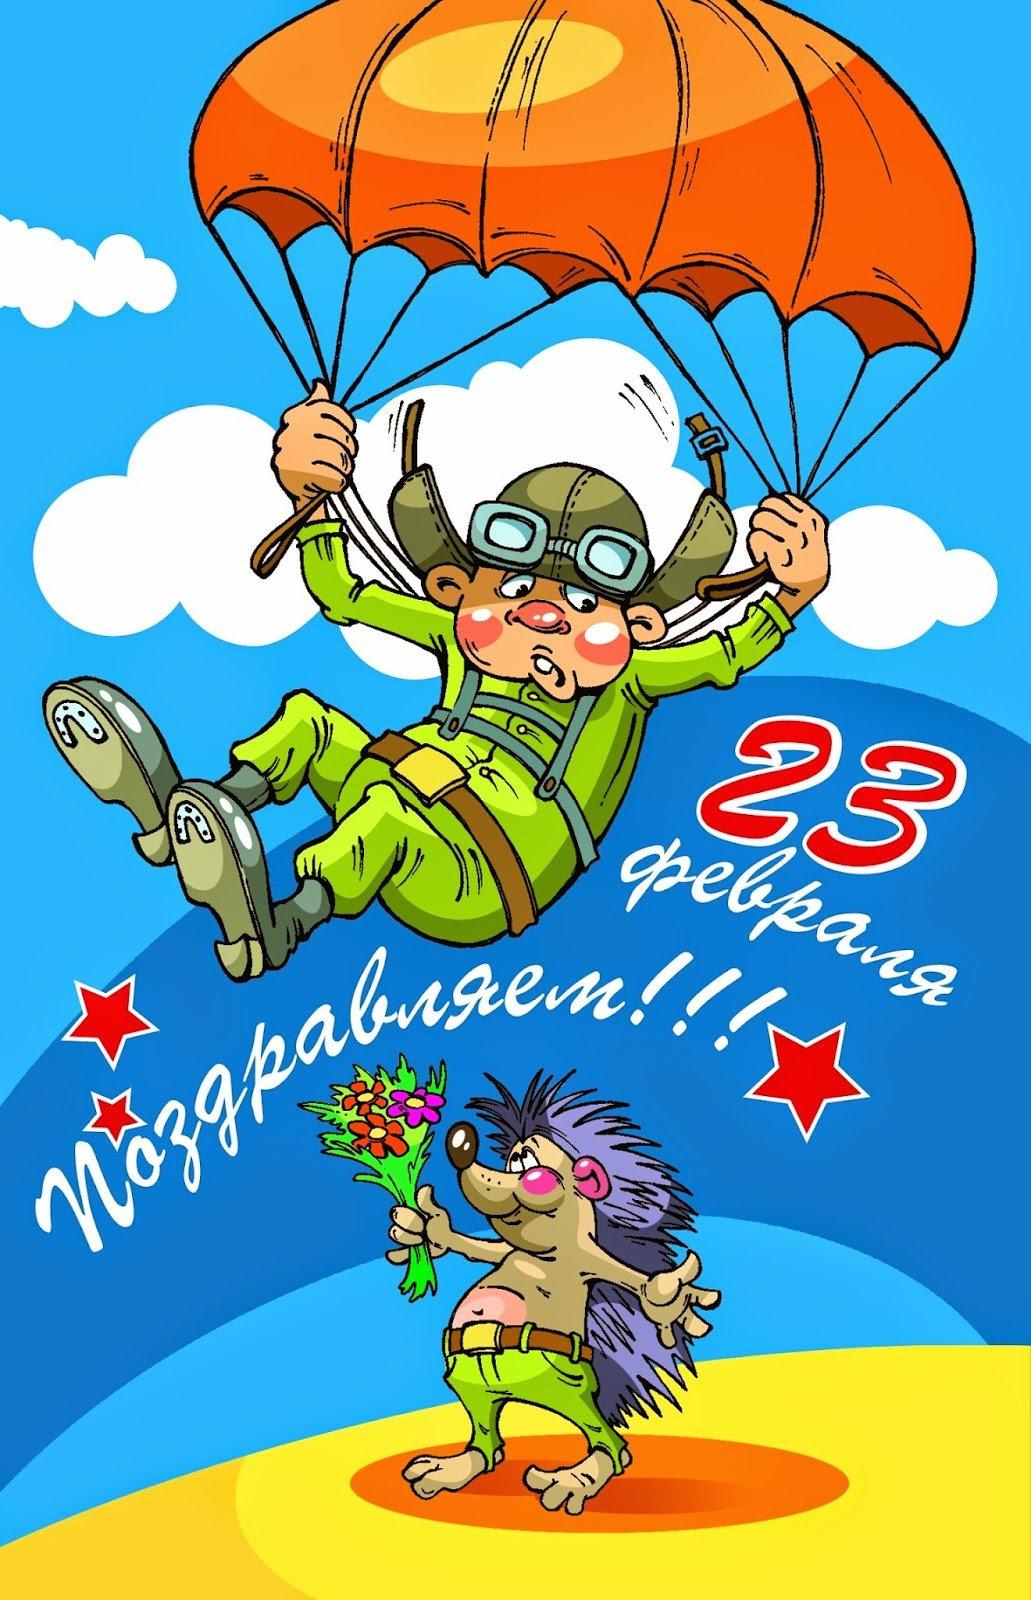 ❶С 23 февраля картинки юмор|Стих на 23 февраля в садик|61 Best поздравления images in | Birthdays, Happy b day, Happy birth|Подарки к 9 мая|}